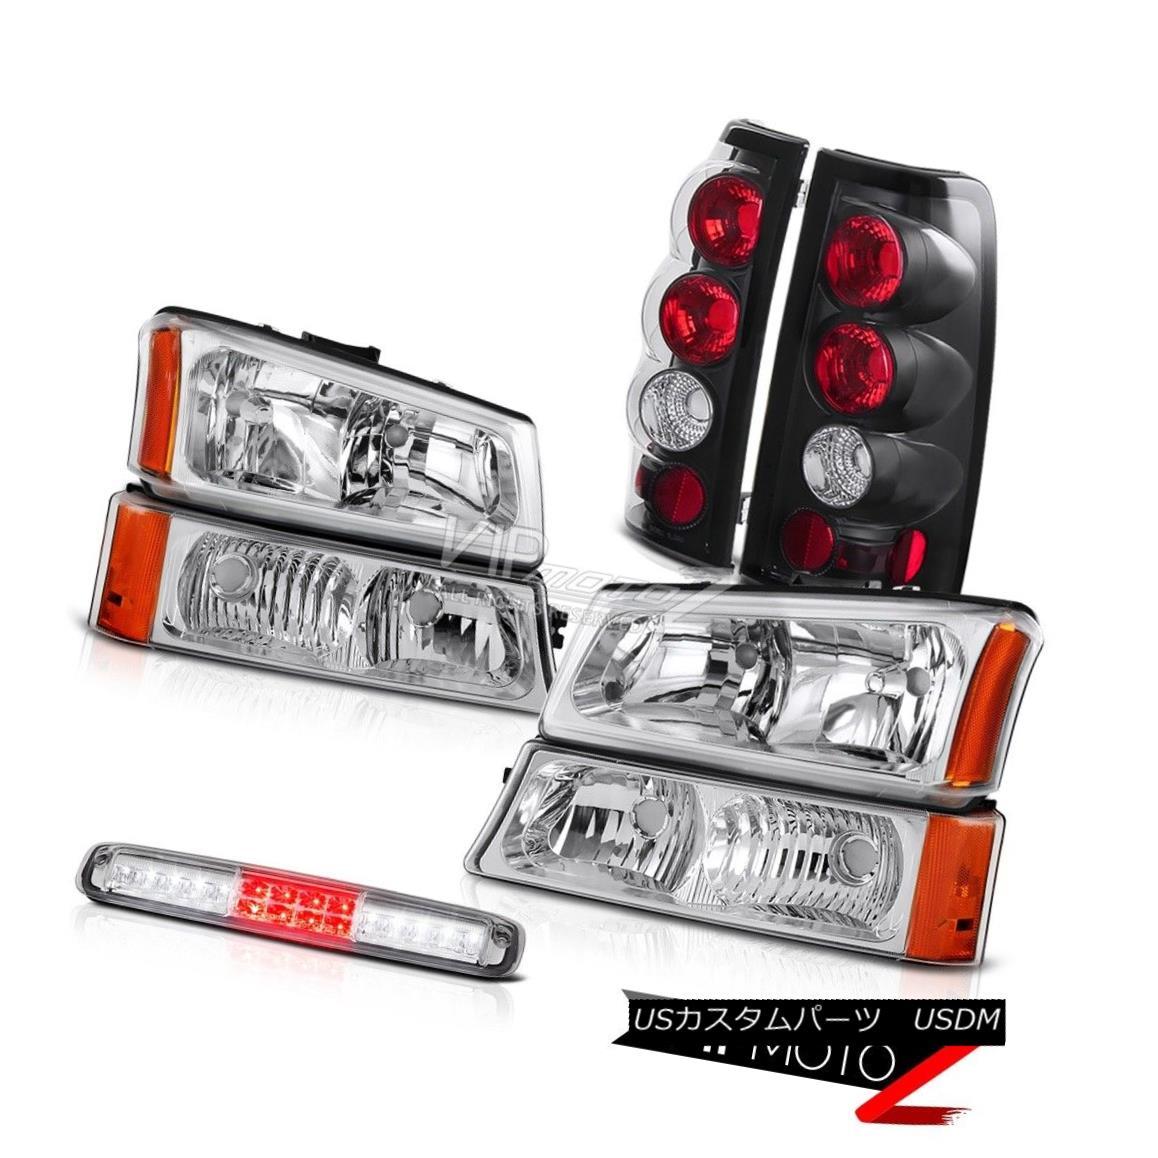 ヘッドライト 03 04 05 06 Silverado Chrome Parking Light High Stop Lamp Headlamps Tail Lights 03 04 05 06 Silverado Chrome Parking Lightハイストップランプヘッドランプテールライト